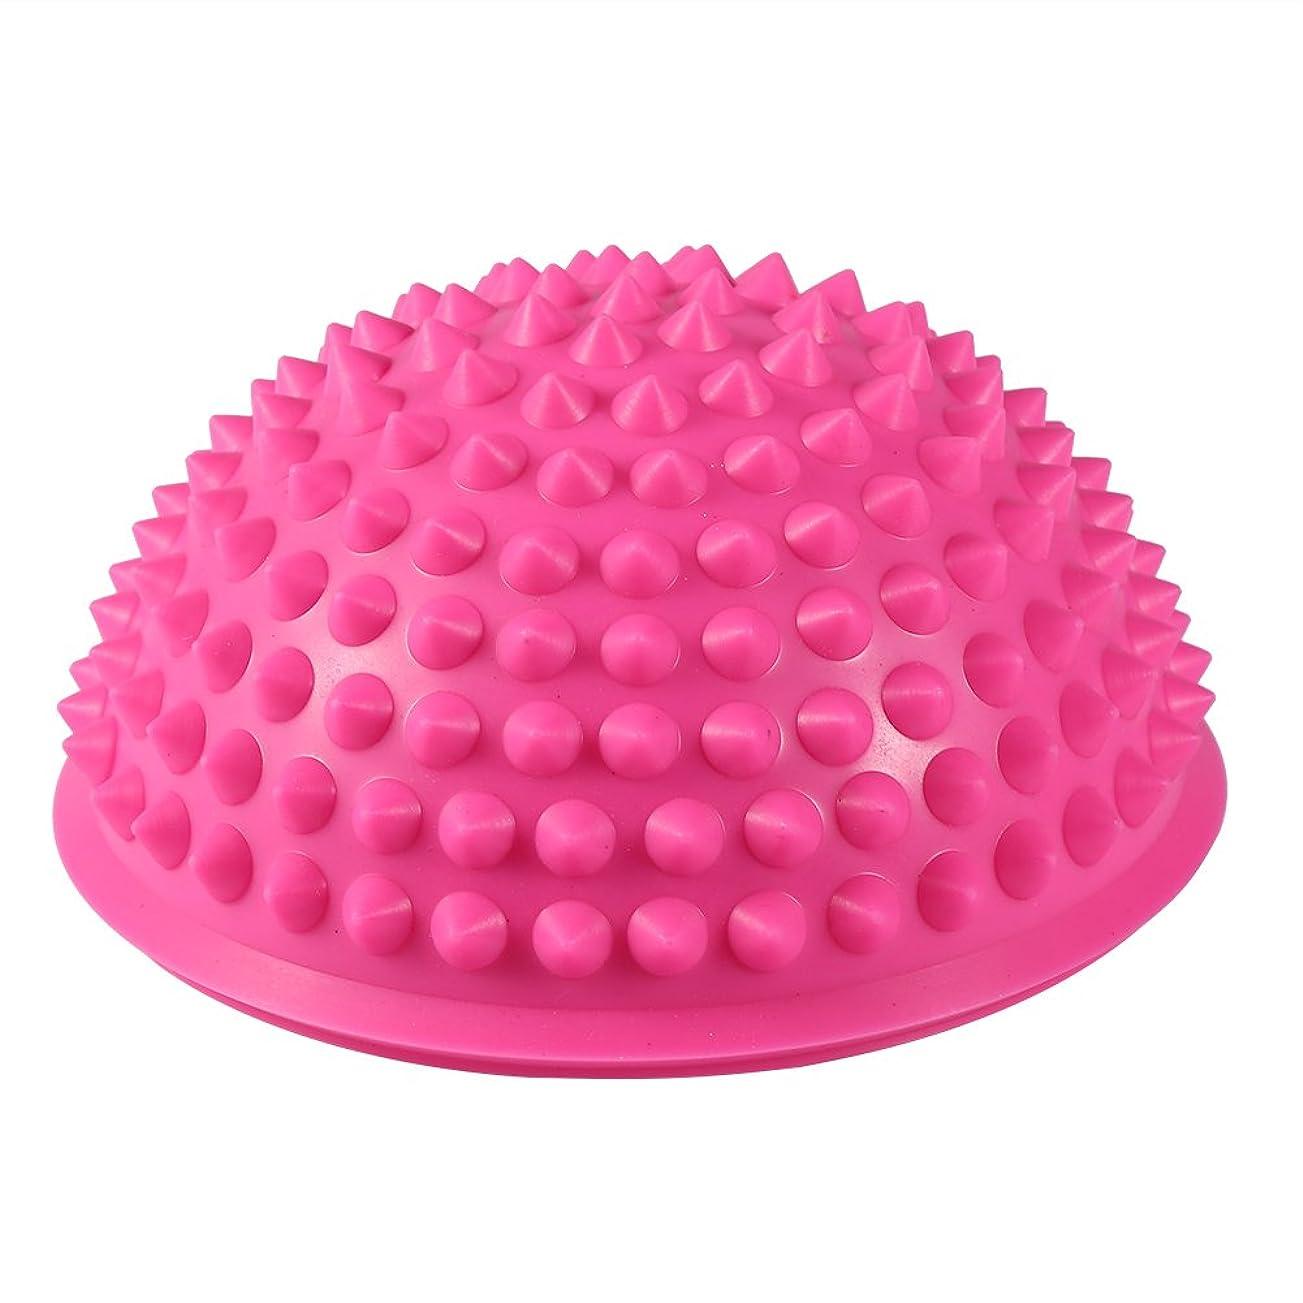 呼び出す最適ビリーハーフラウンドPVCマッサージボールヨガボールフィットネスエクササイズジムマッサージ5色(ピンク)